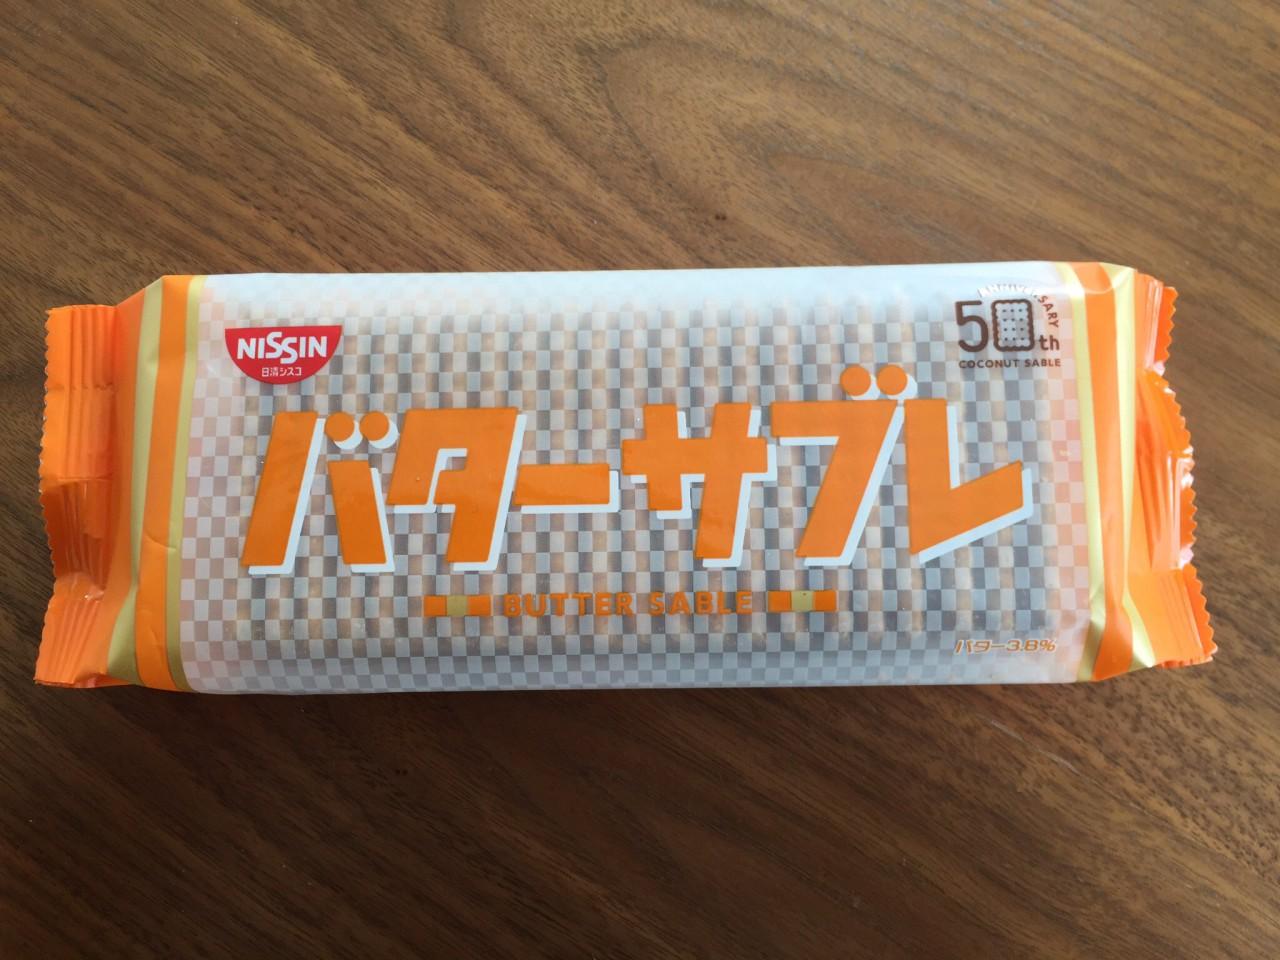 try-eat_19899-4.jpg